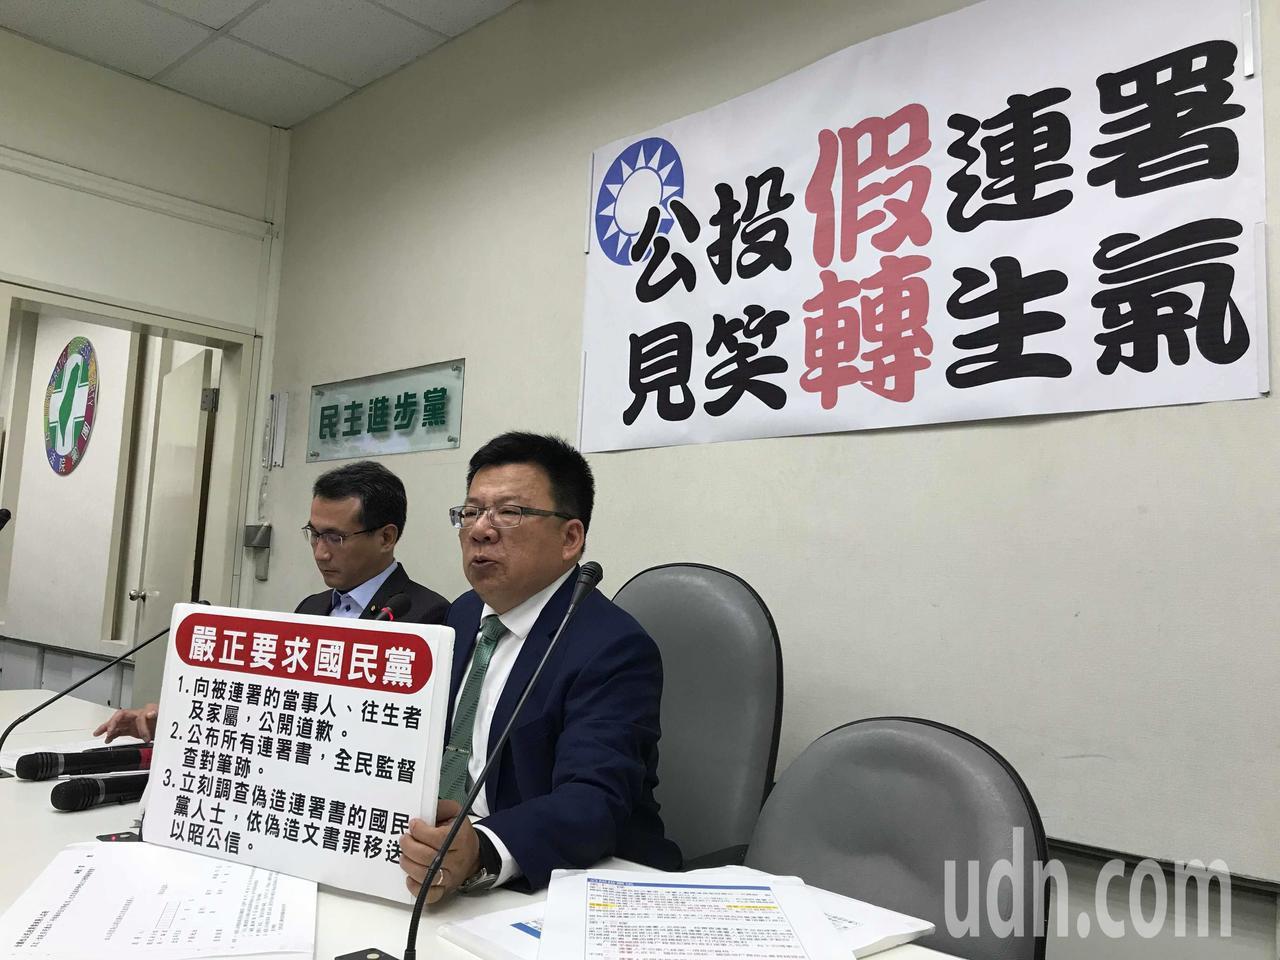 民進黨立院黨團幹事長李俊俋(右)與書記長鄭運鵬(左),舉行記者會批國民黨假連署。...